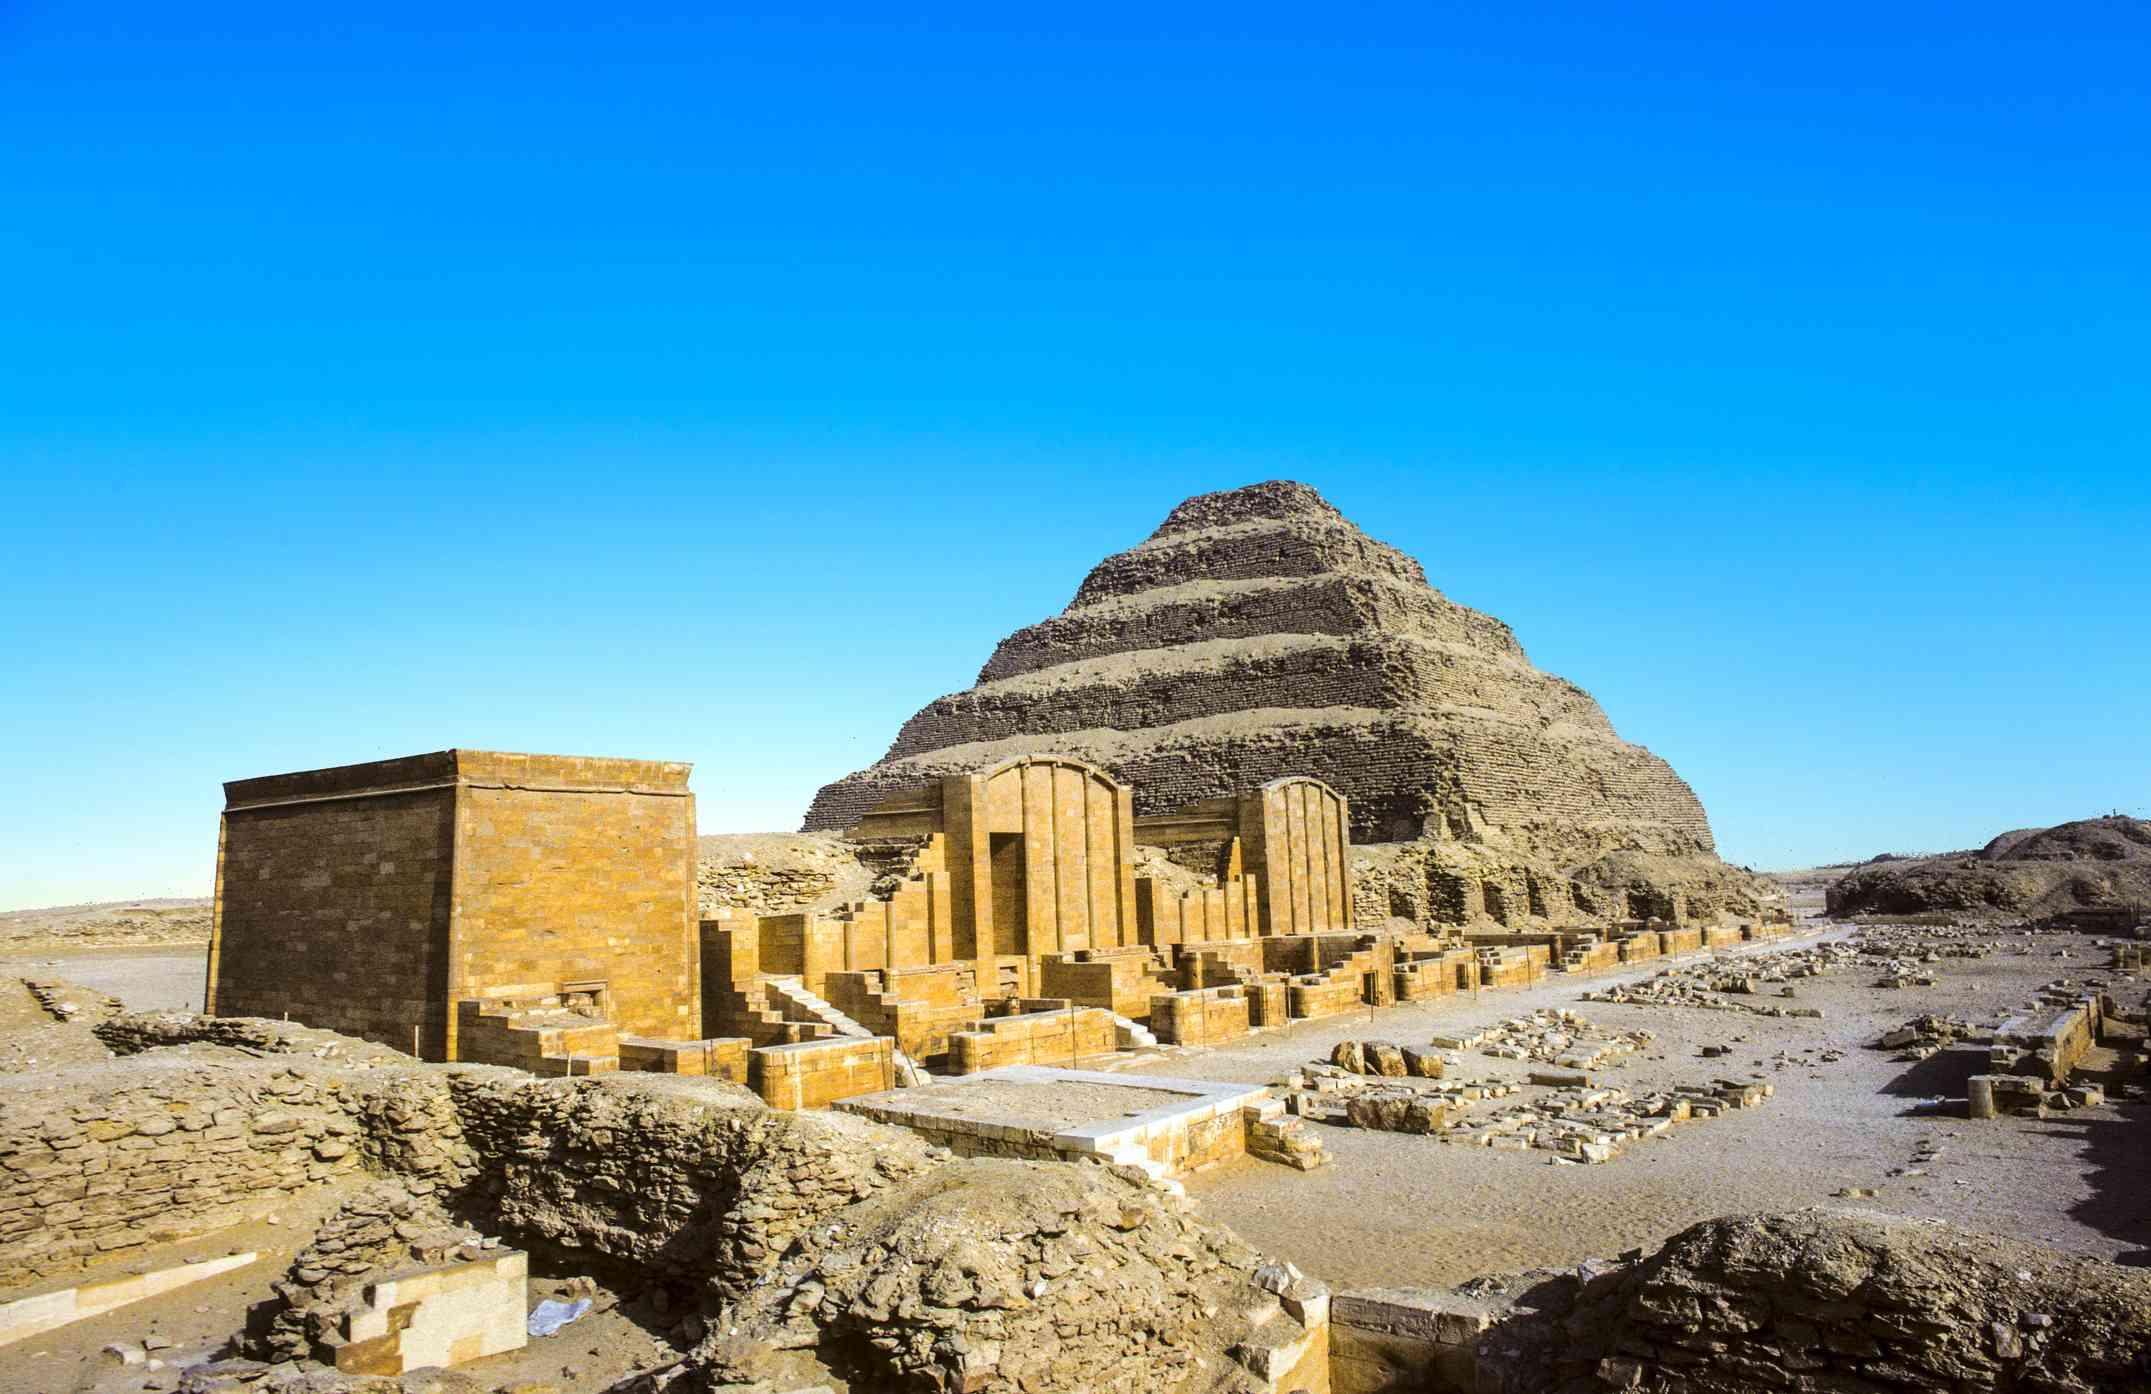 Pyramid of Djoser at Saqqara, Egypt